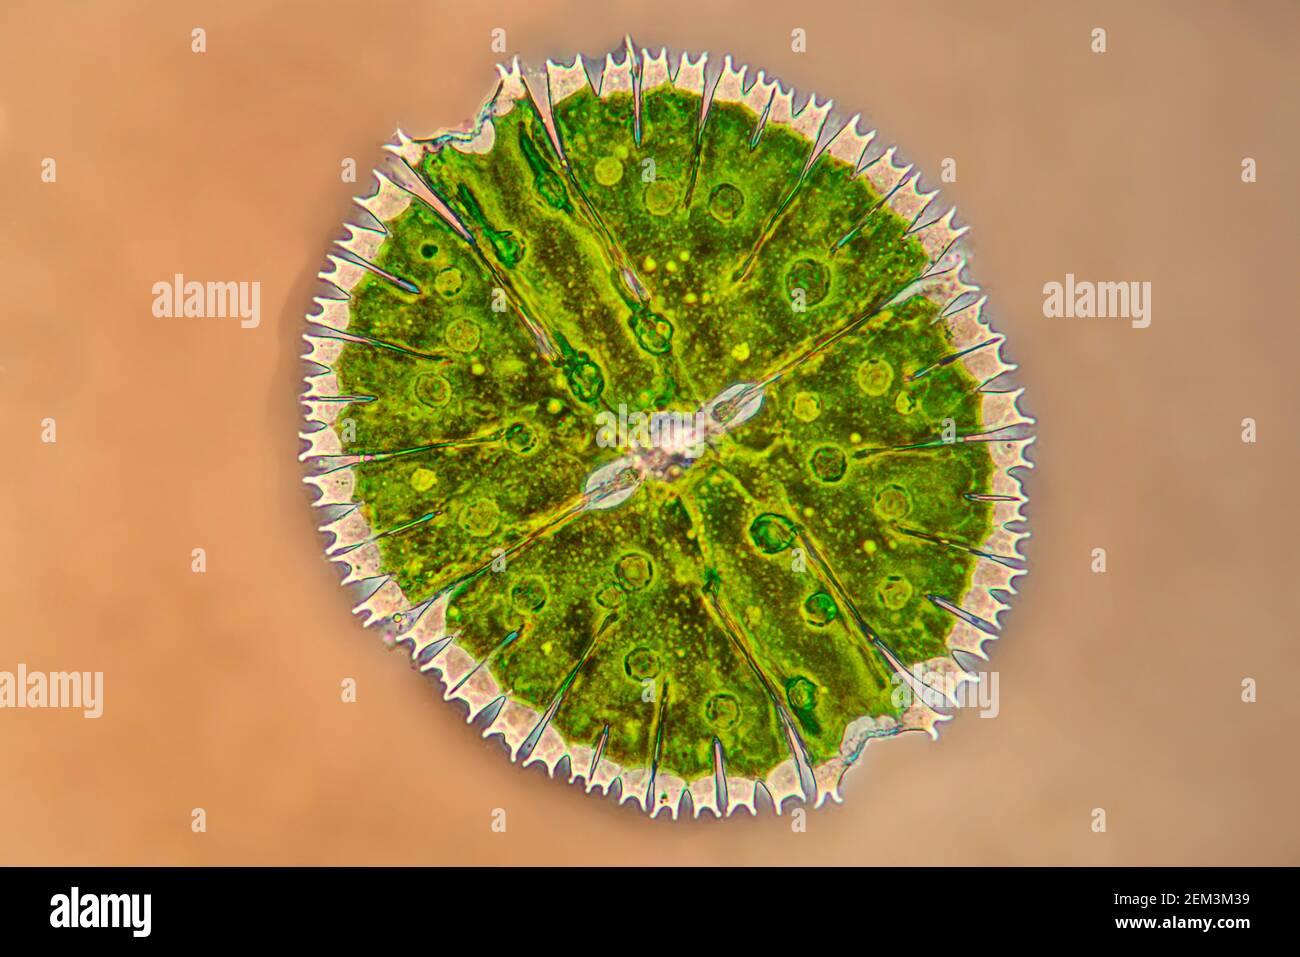 Micrasterias (Micrasterias rotata), algue verte unicellulaire, image IRM à contraste de phase, grossissement x100 par rapport à 35 mm Banque D'Images